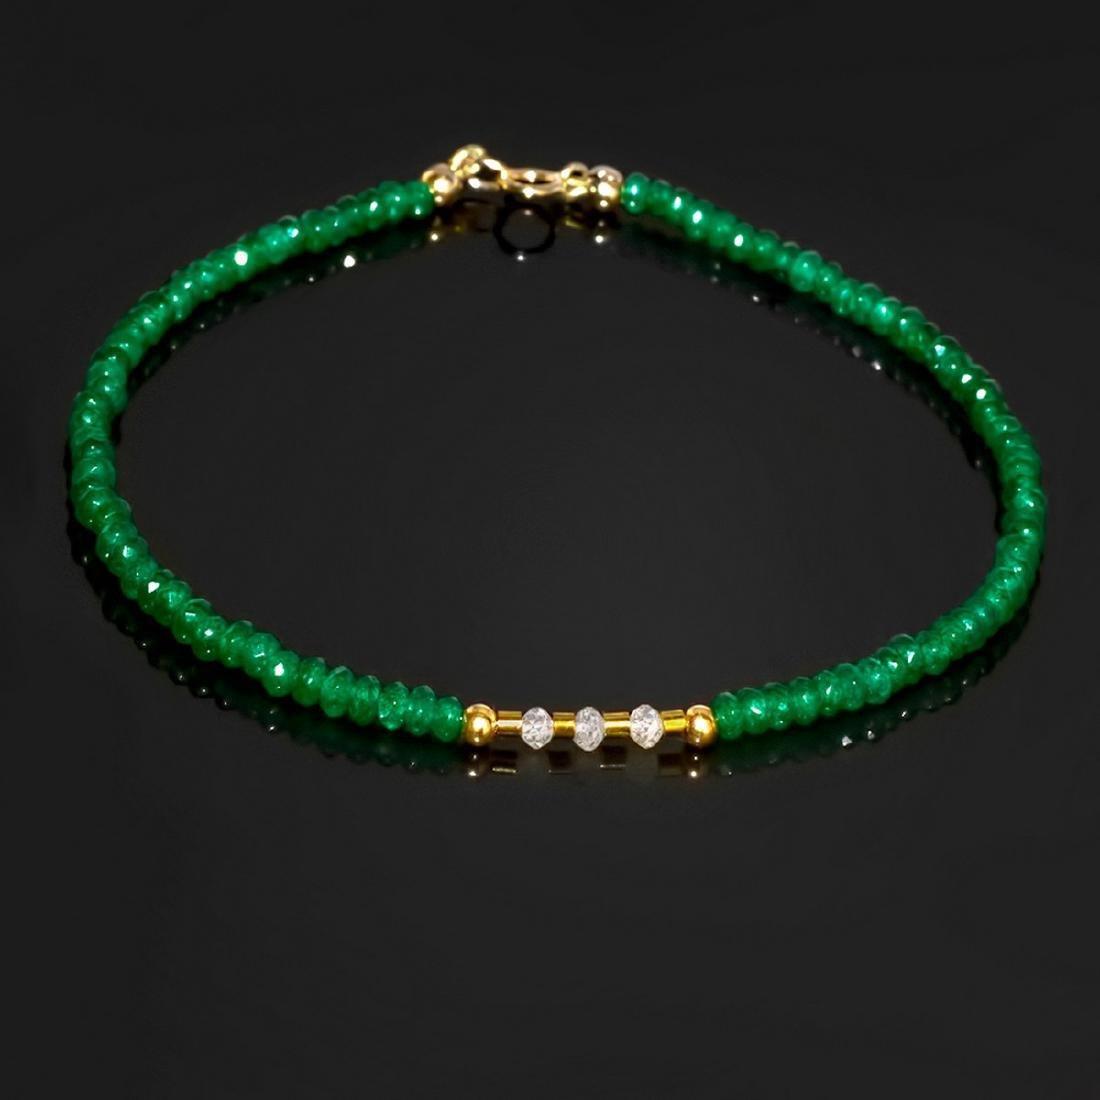 Retro Style Precious Jadeite Diamond Bracelet